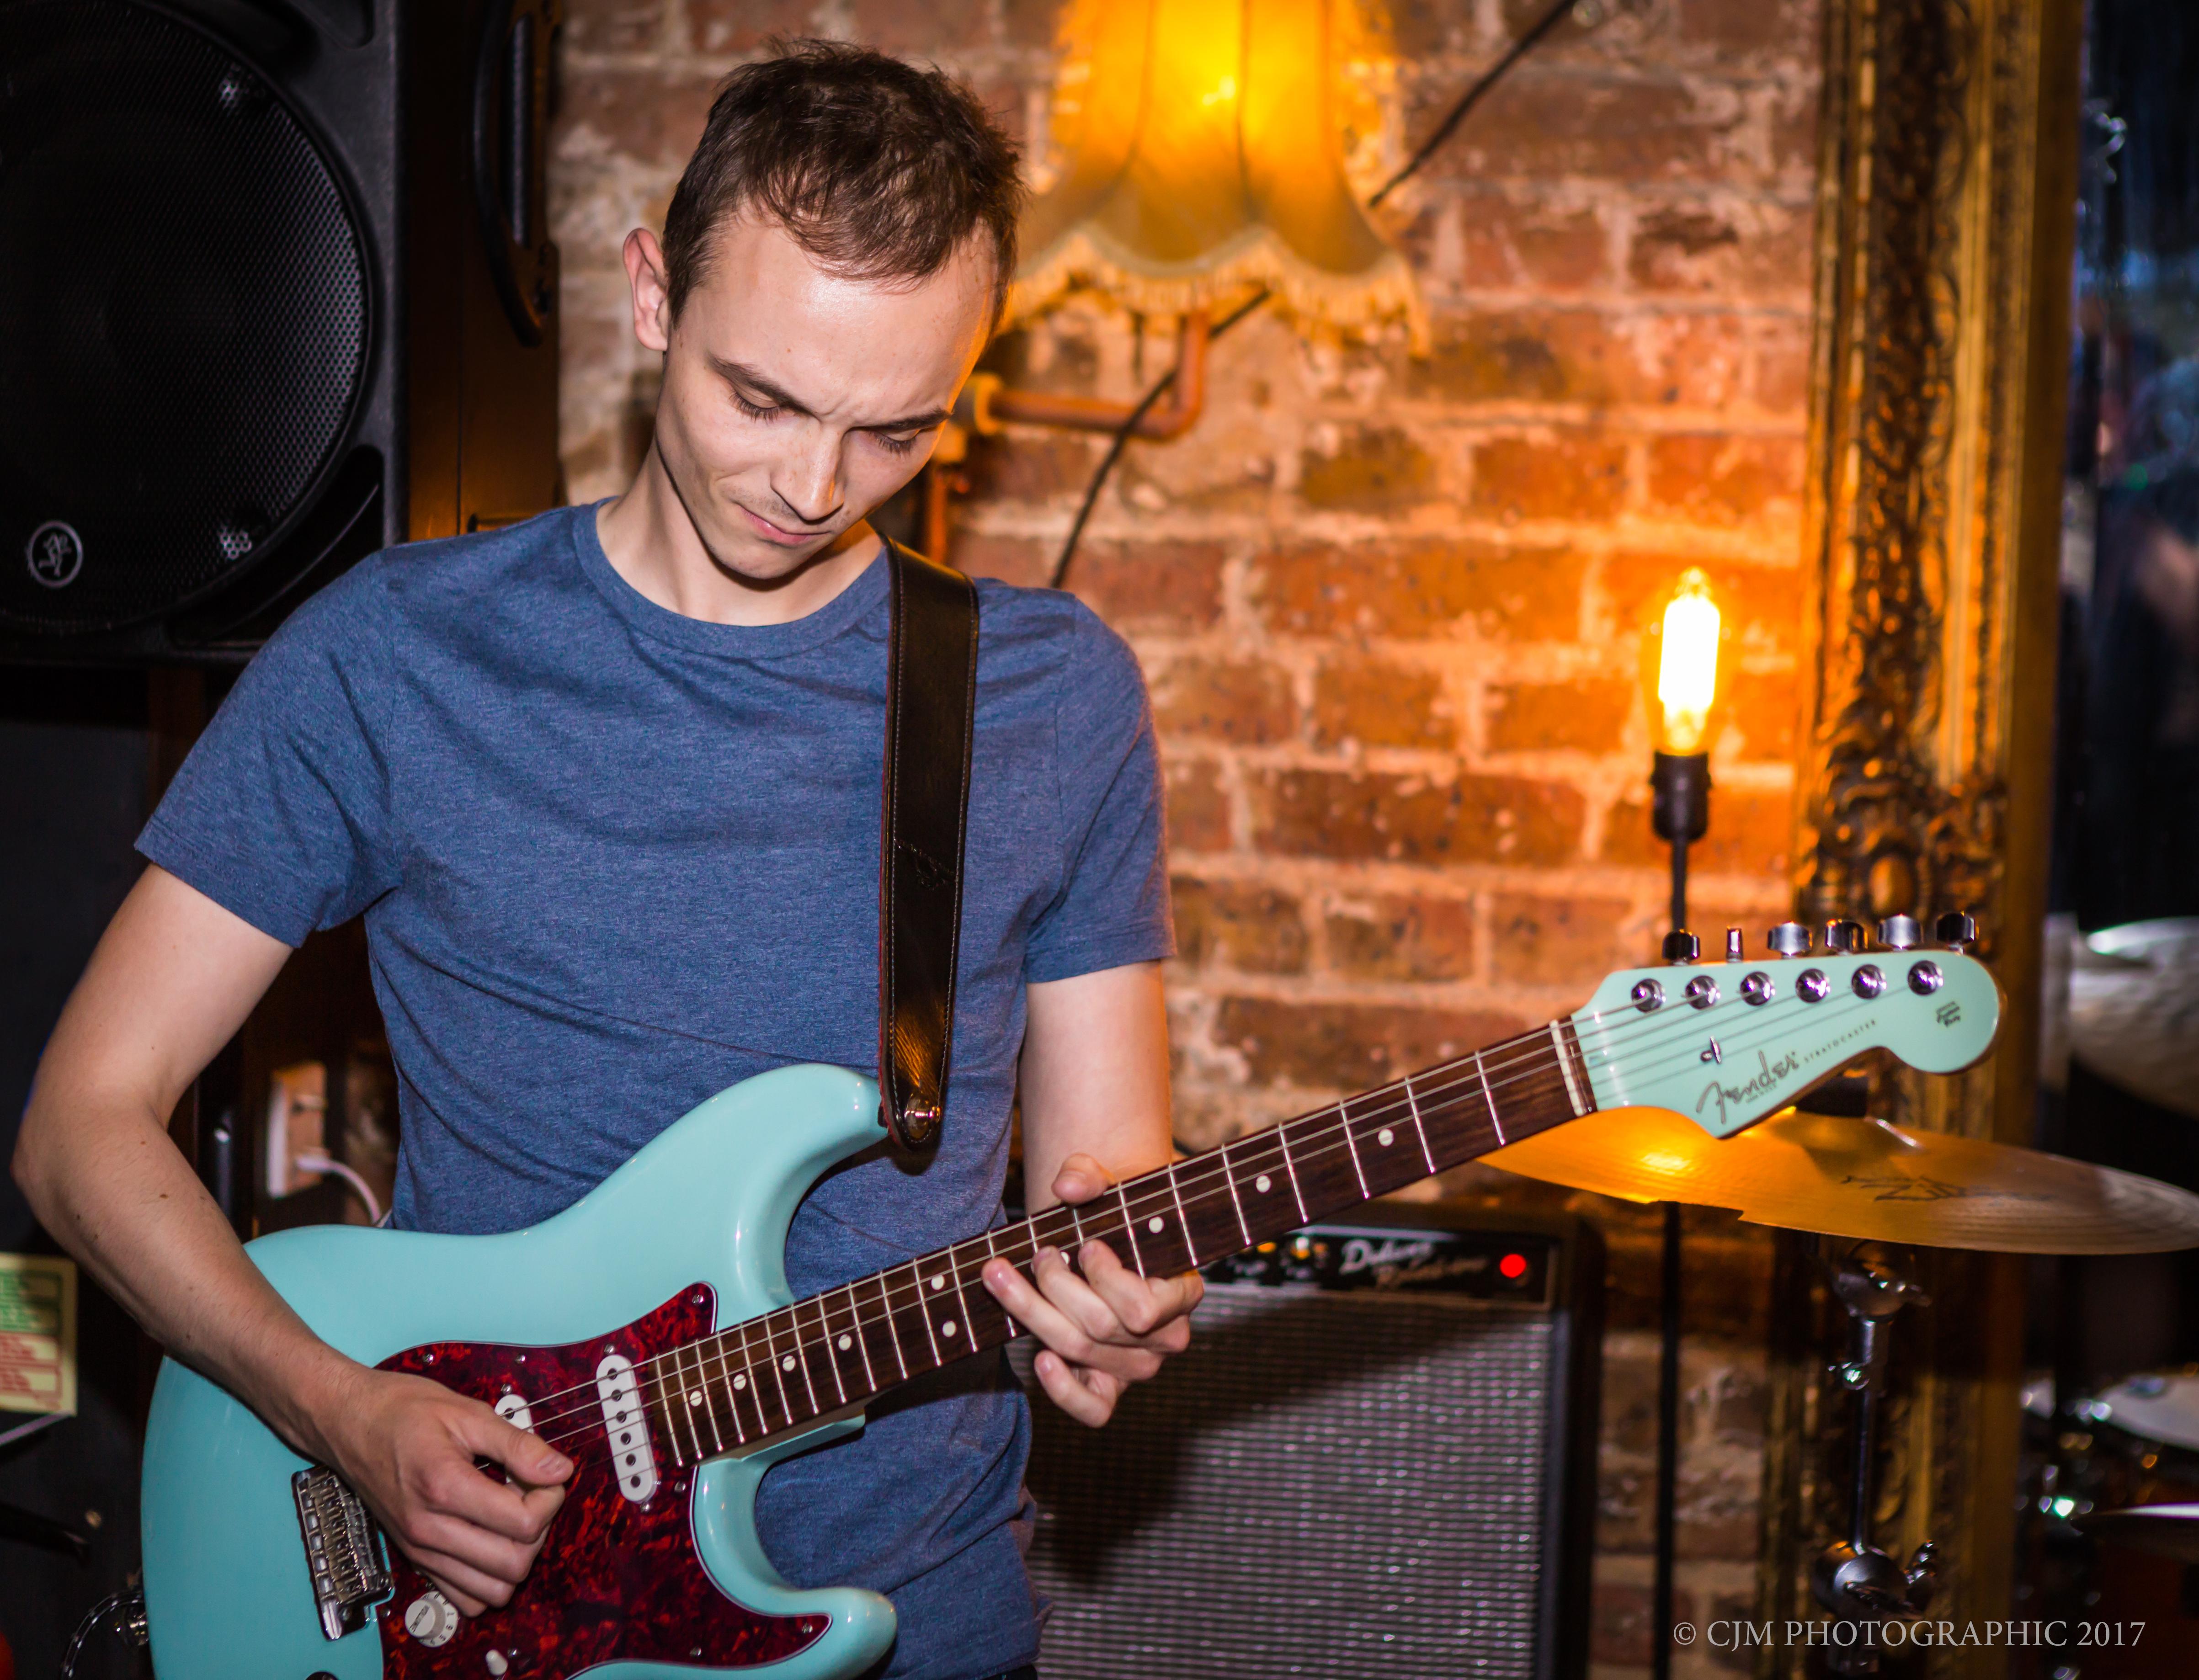 Guitarist CJM Photographic